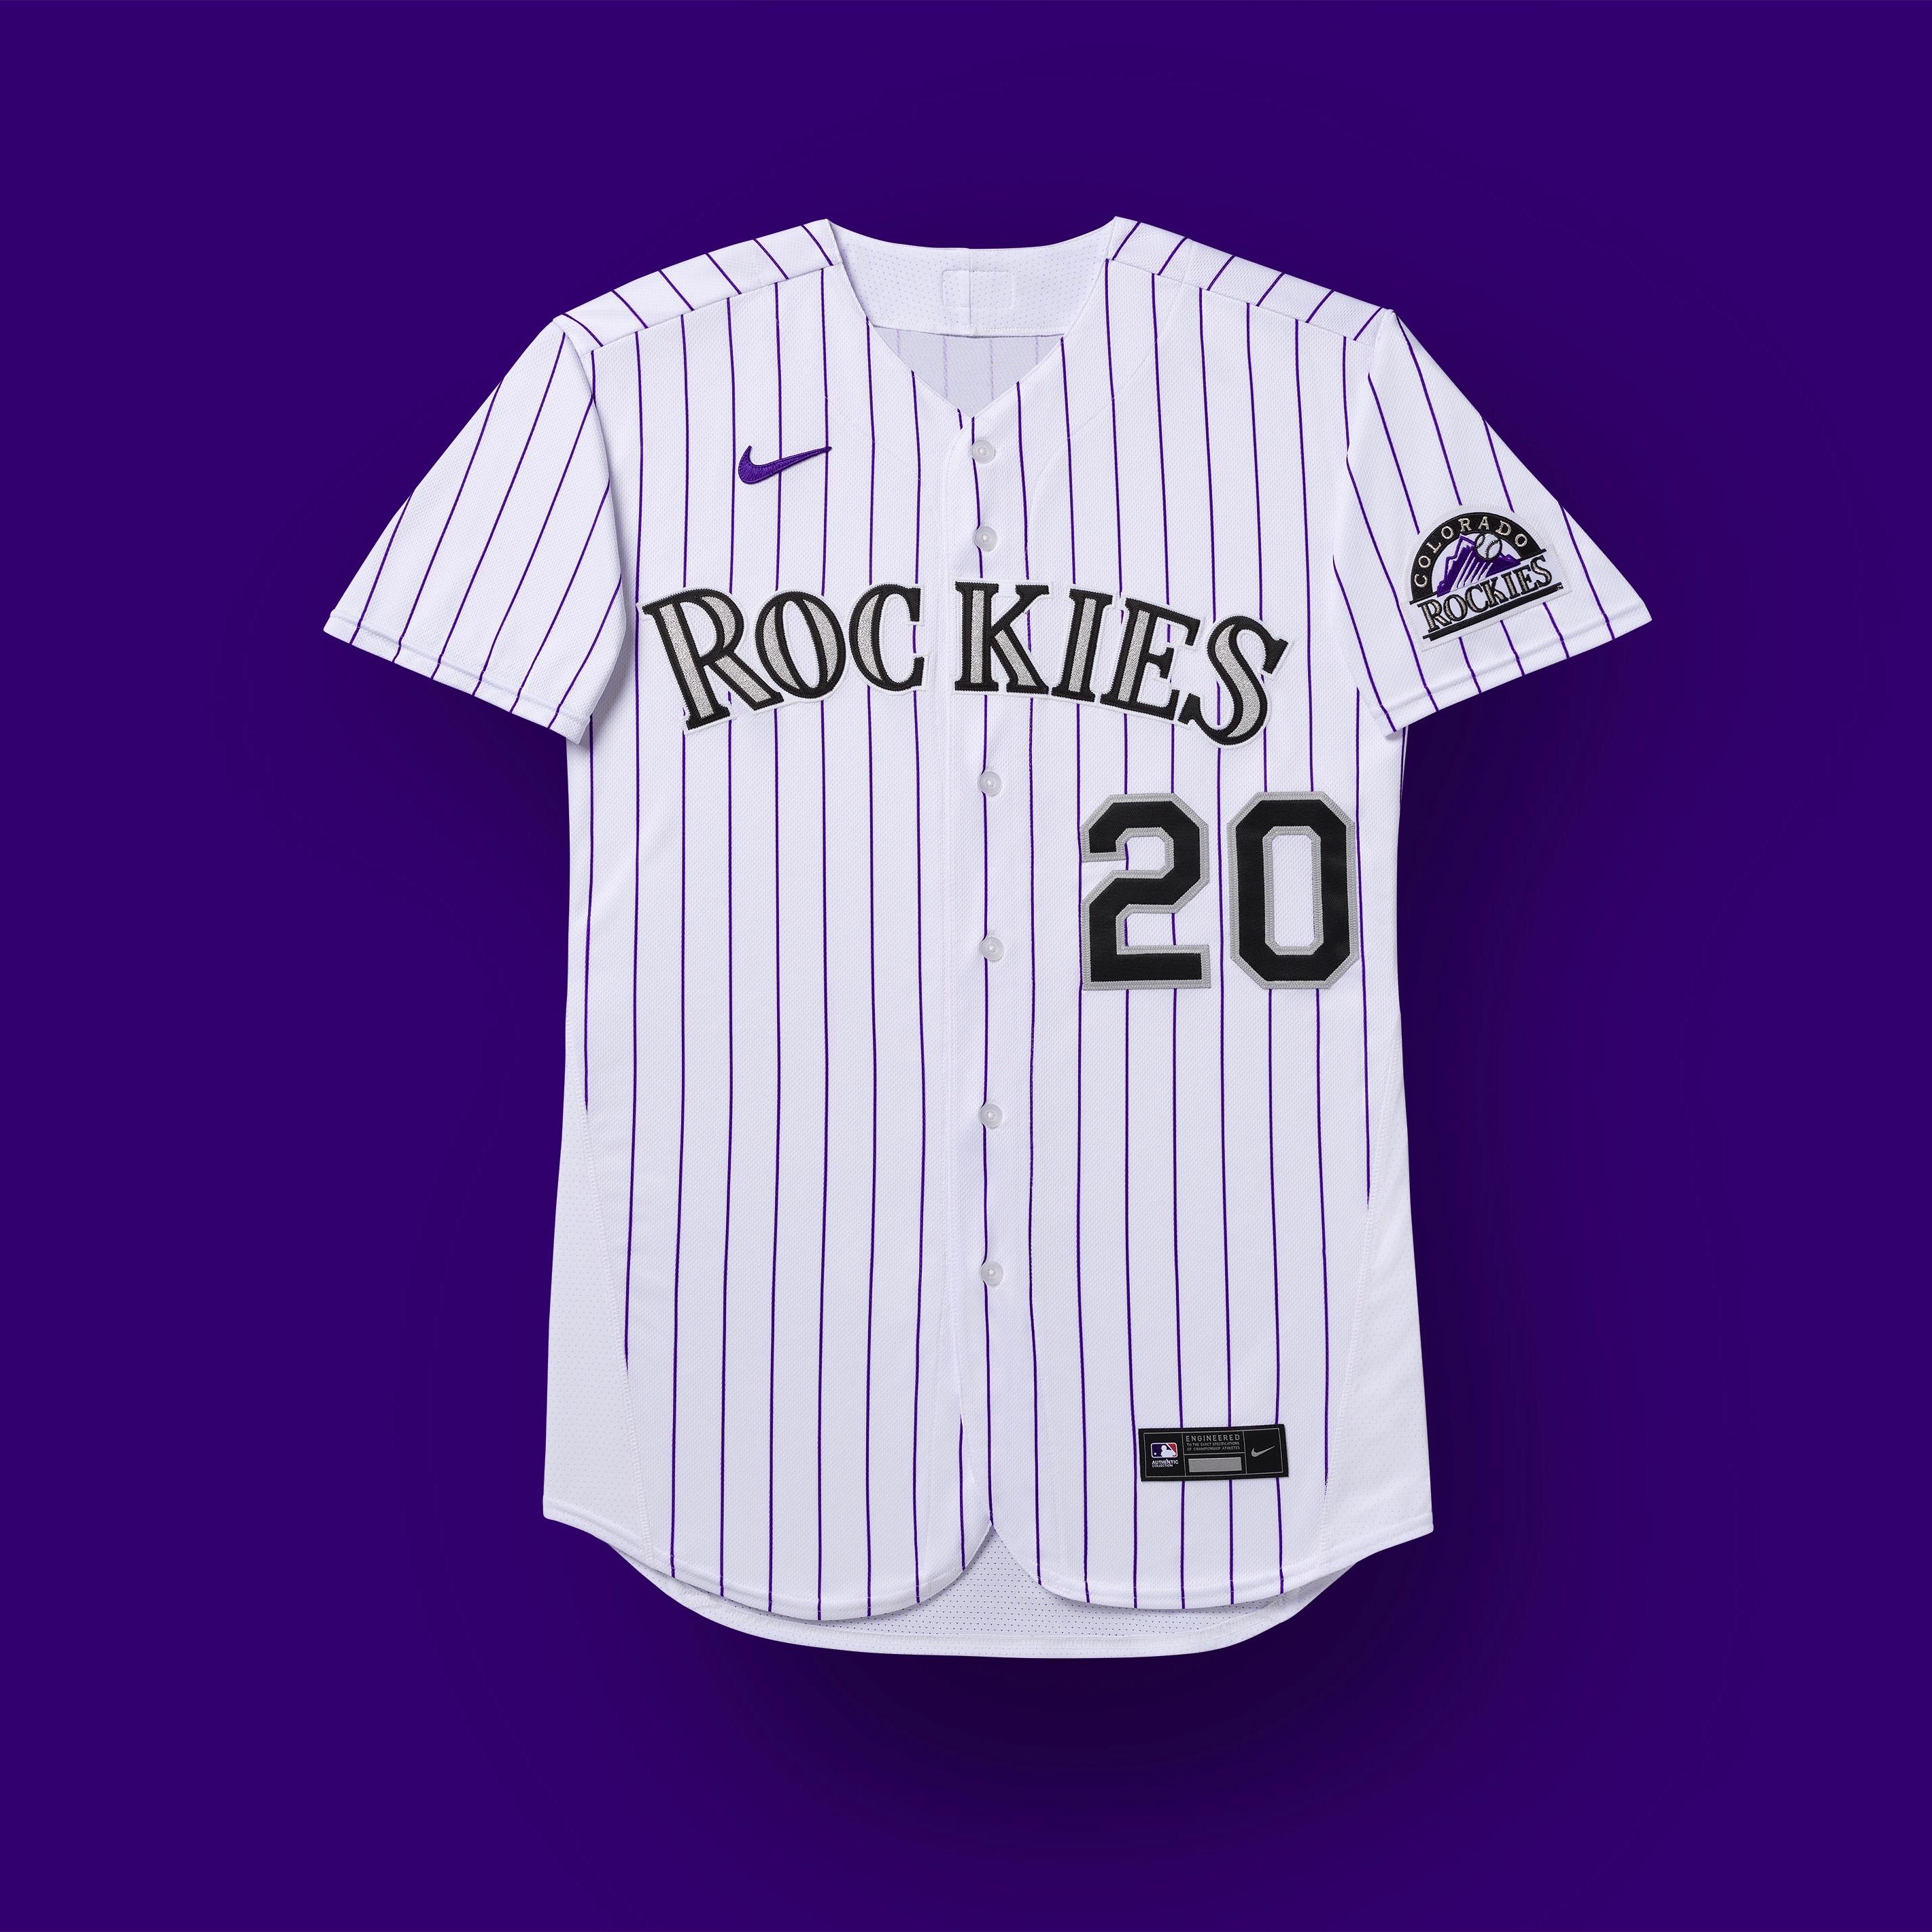 colorado rockies 2020 uniforms